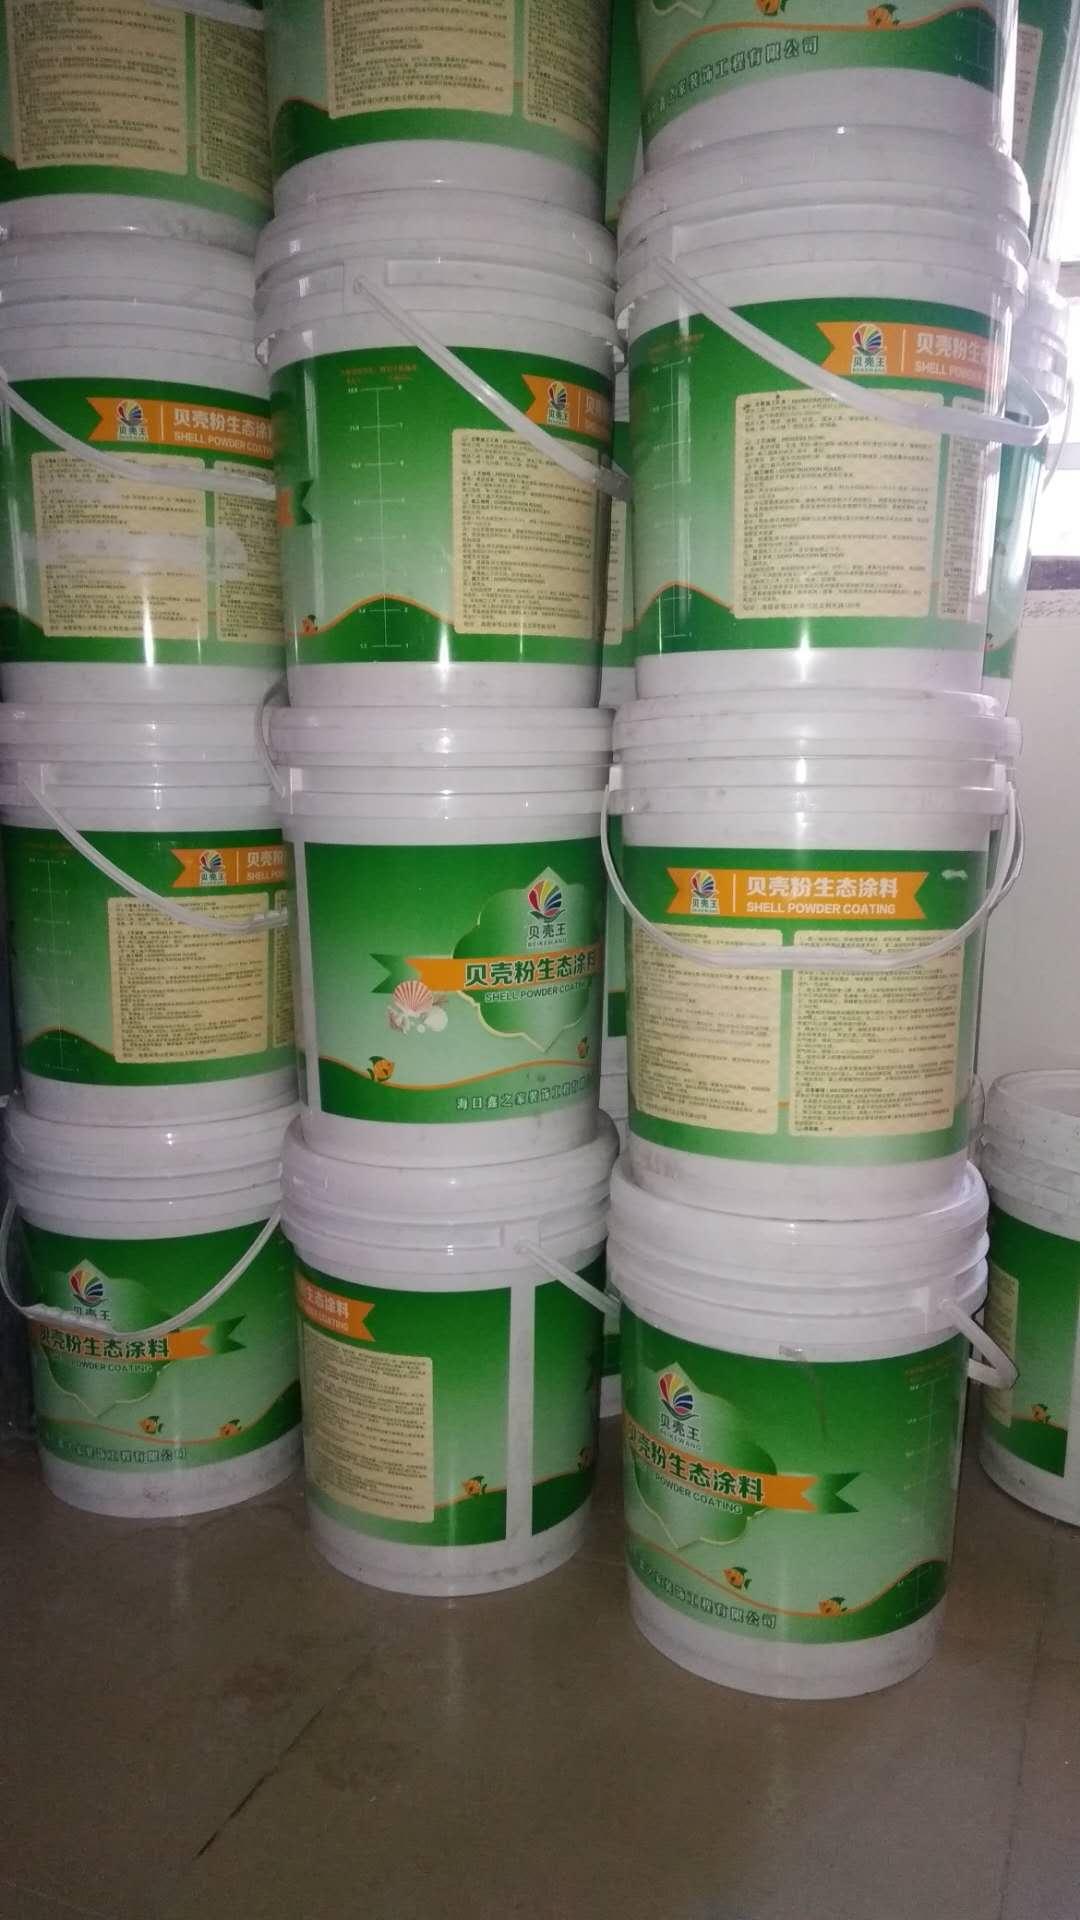 找实惠的生态贝壳粉涂料当选海口鑫之家 福建生态贝壳粉涂料代理加盟